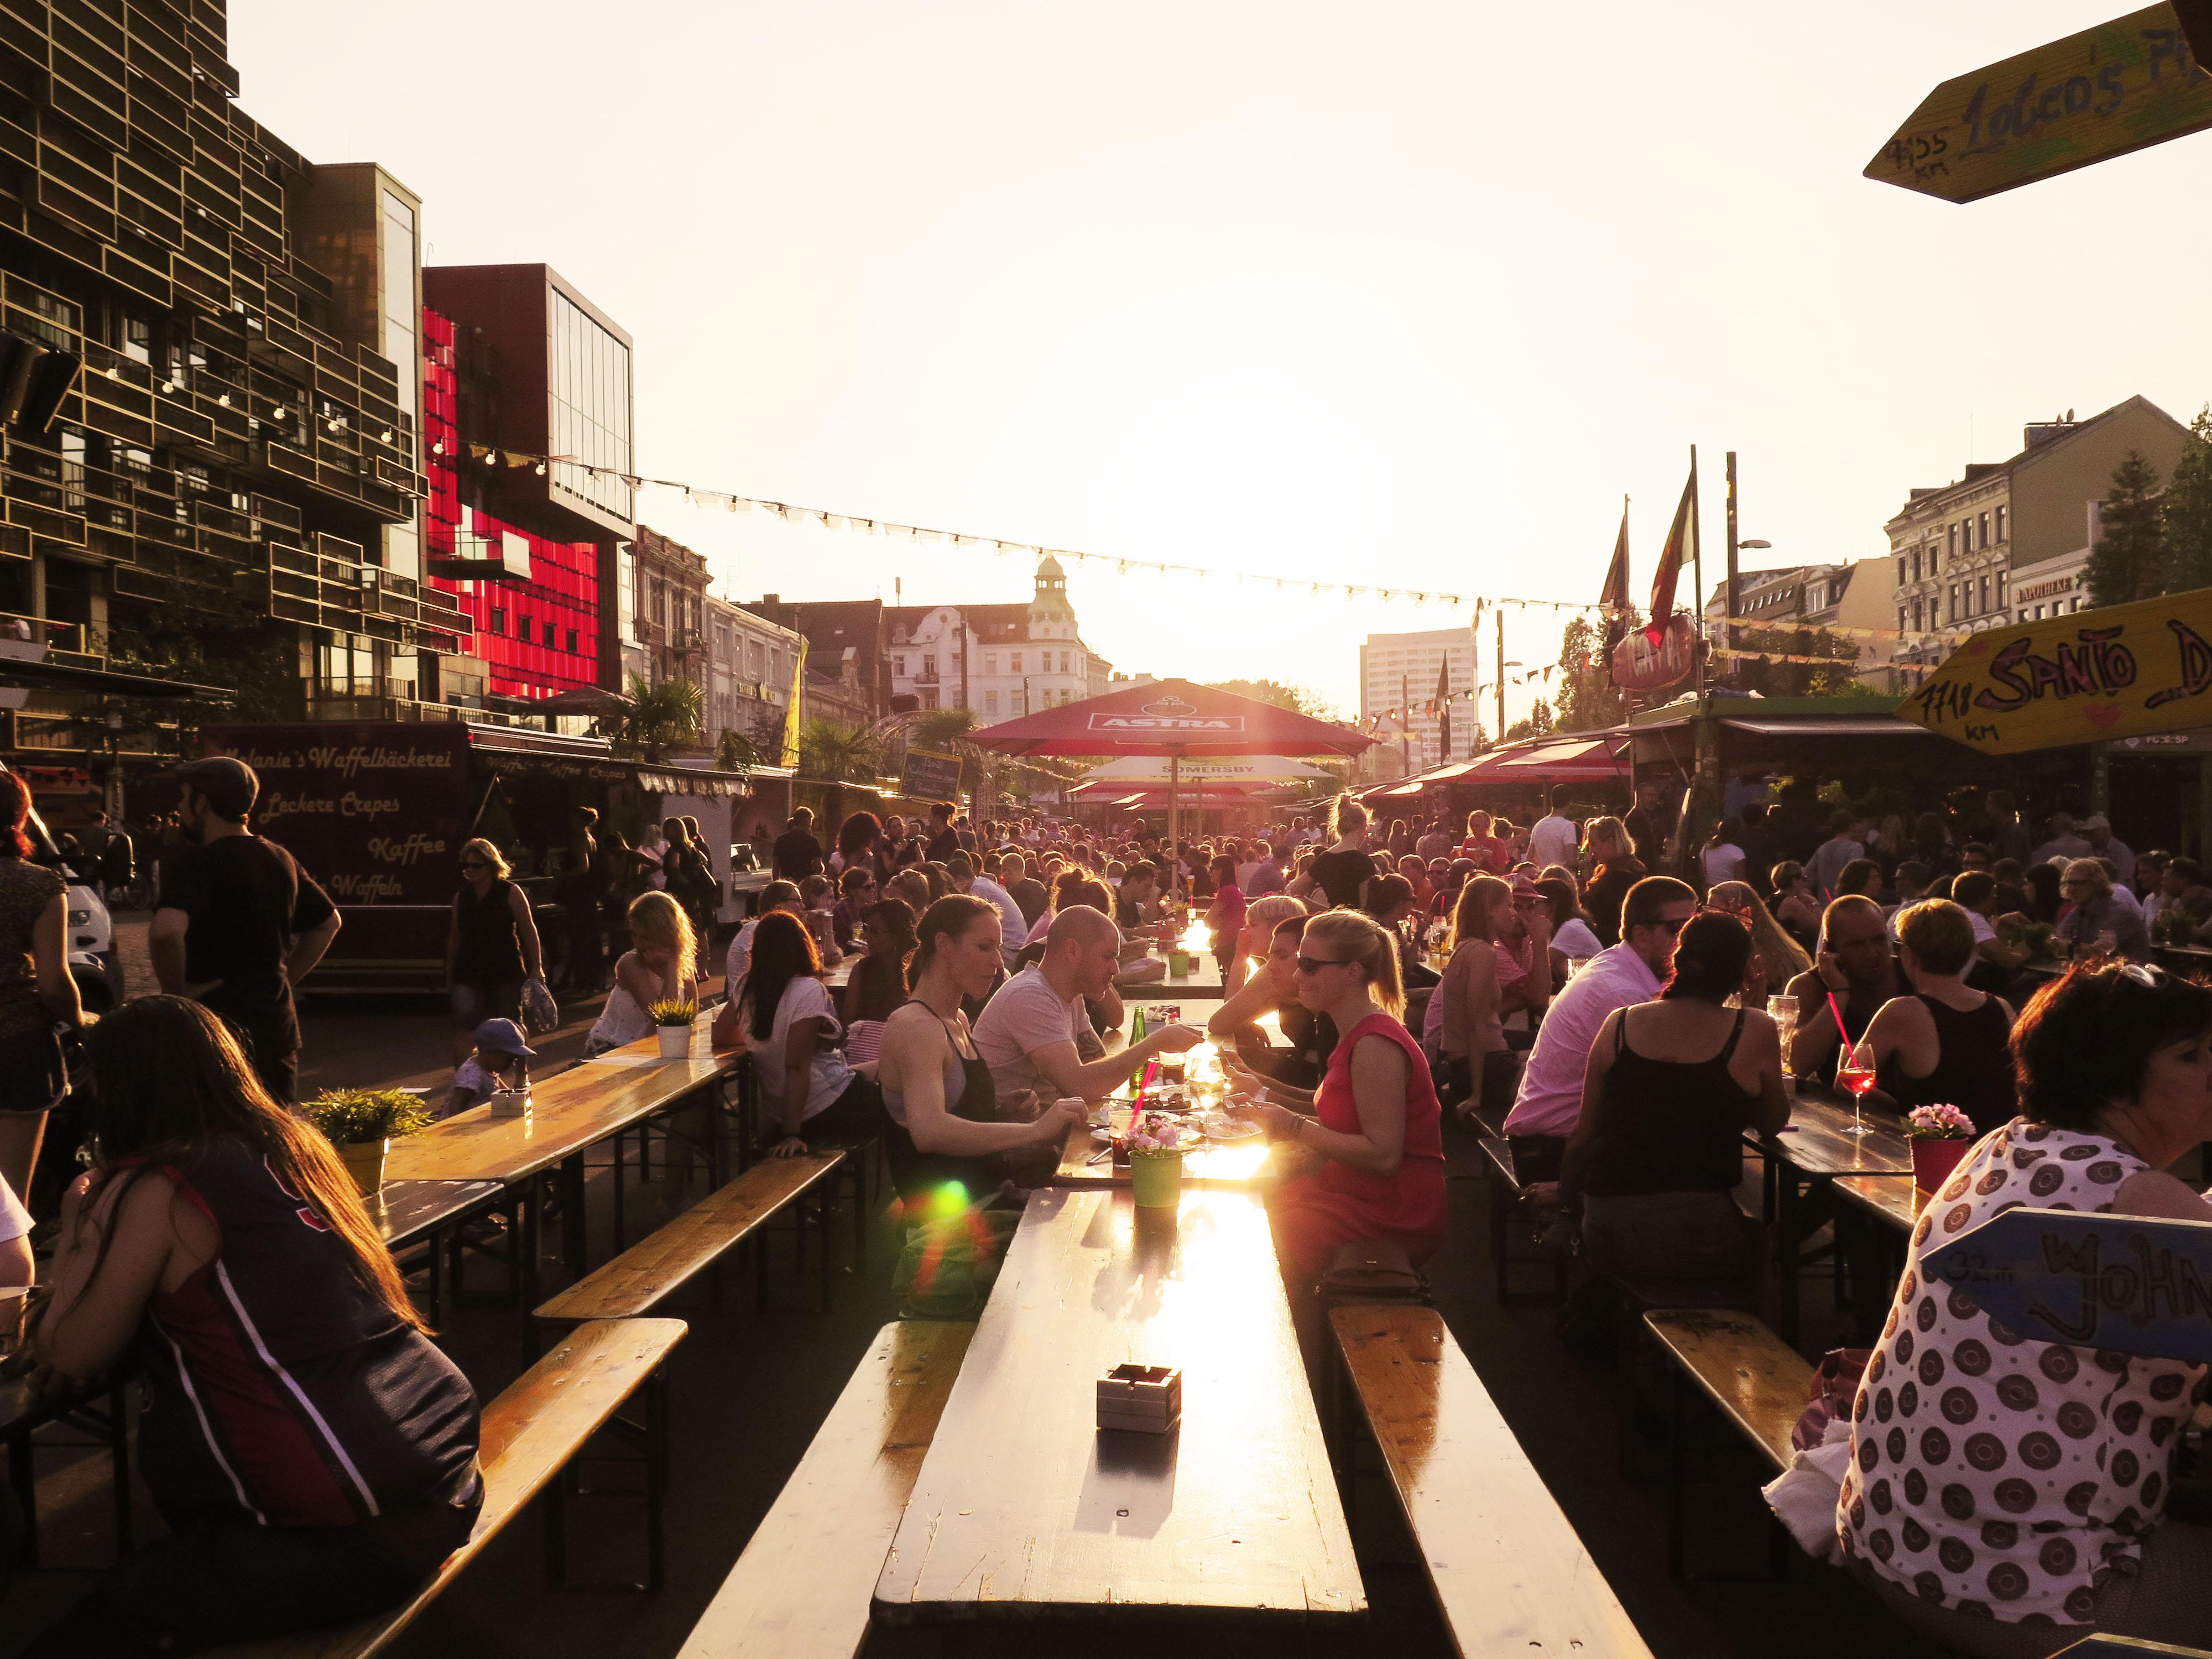 Genieße die Sonne & die Leckereien auf dem St. Pauli Nachtmarkt!